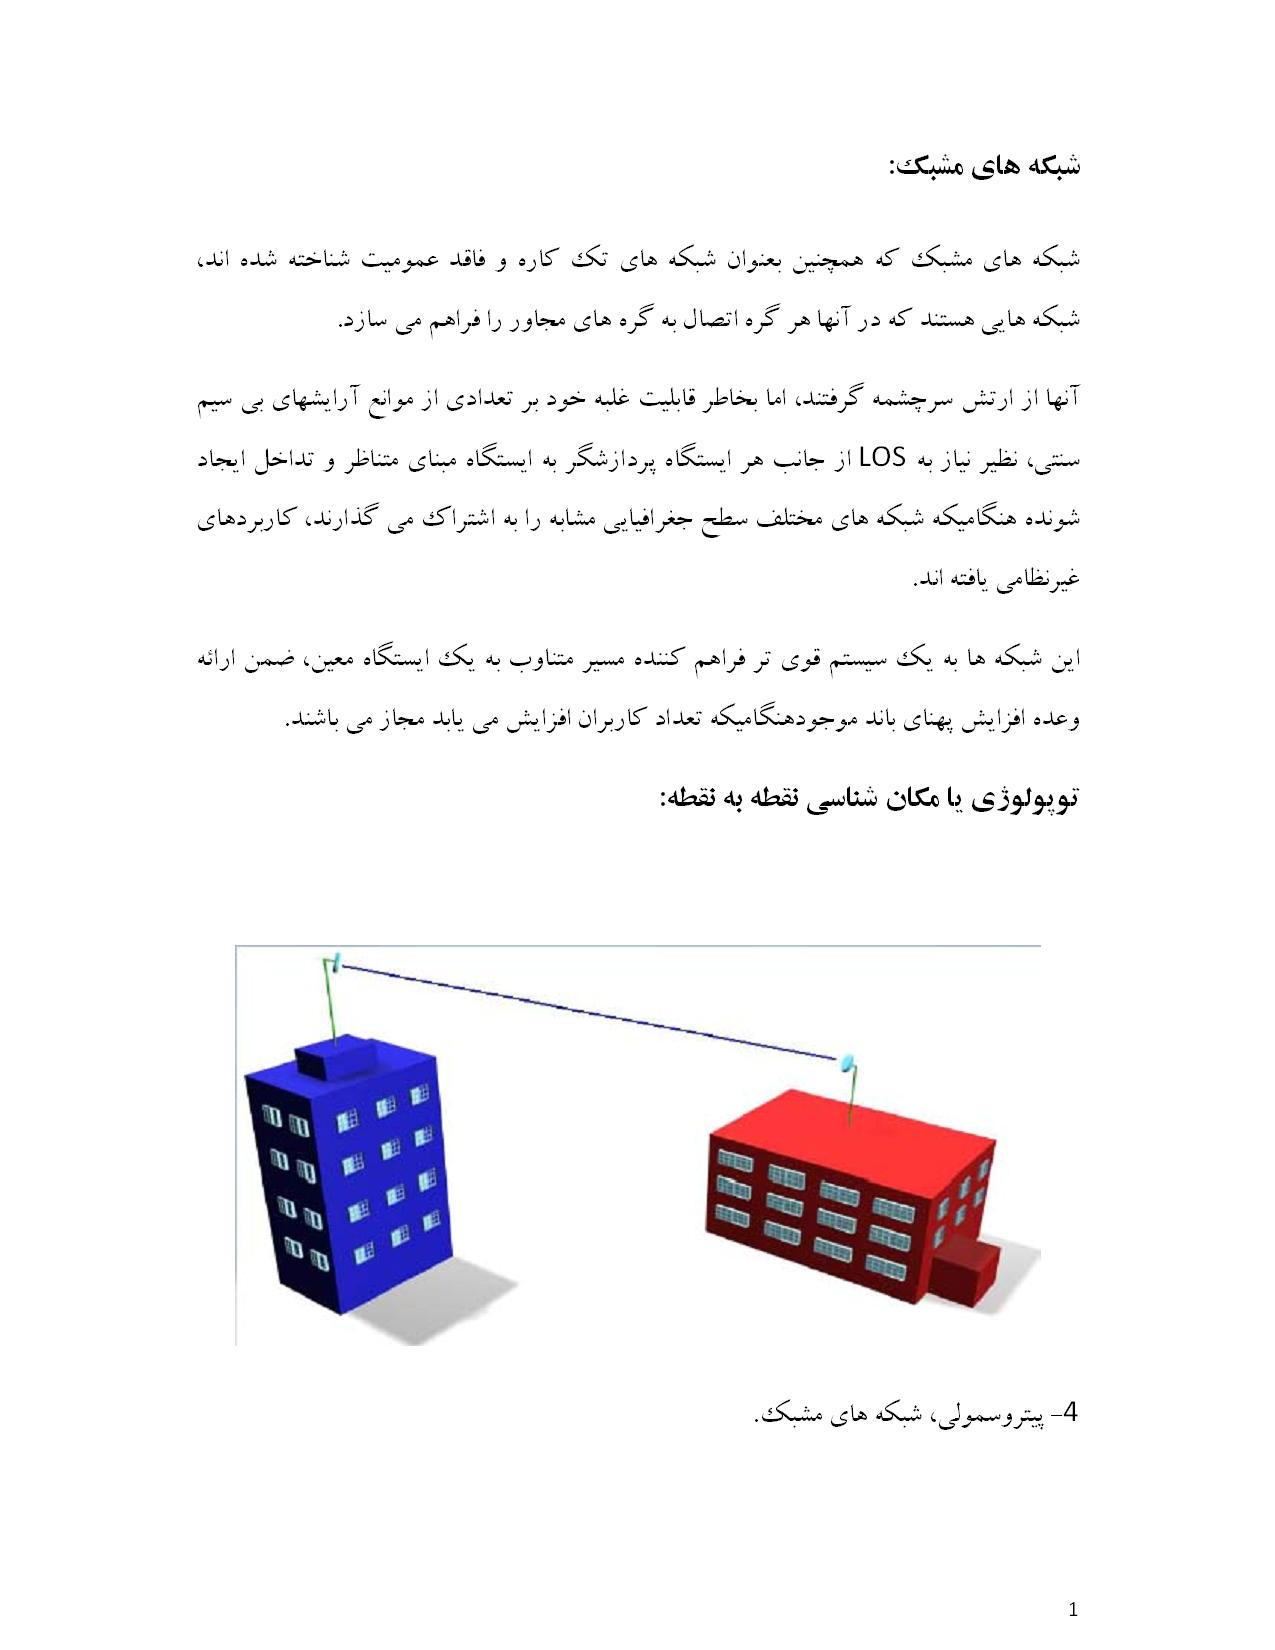 ترجمه مقاله و تحقیق - شبکه های مشبک28